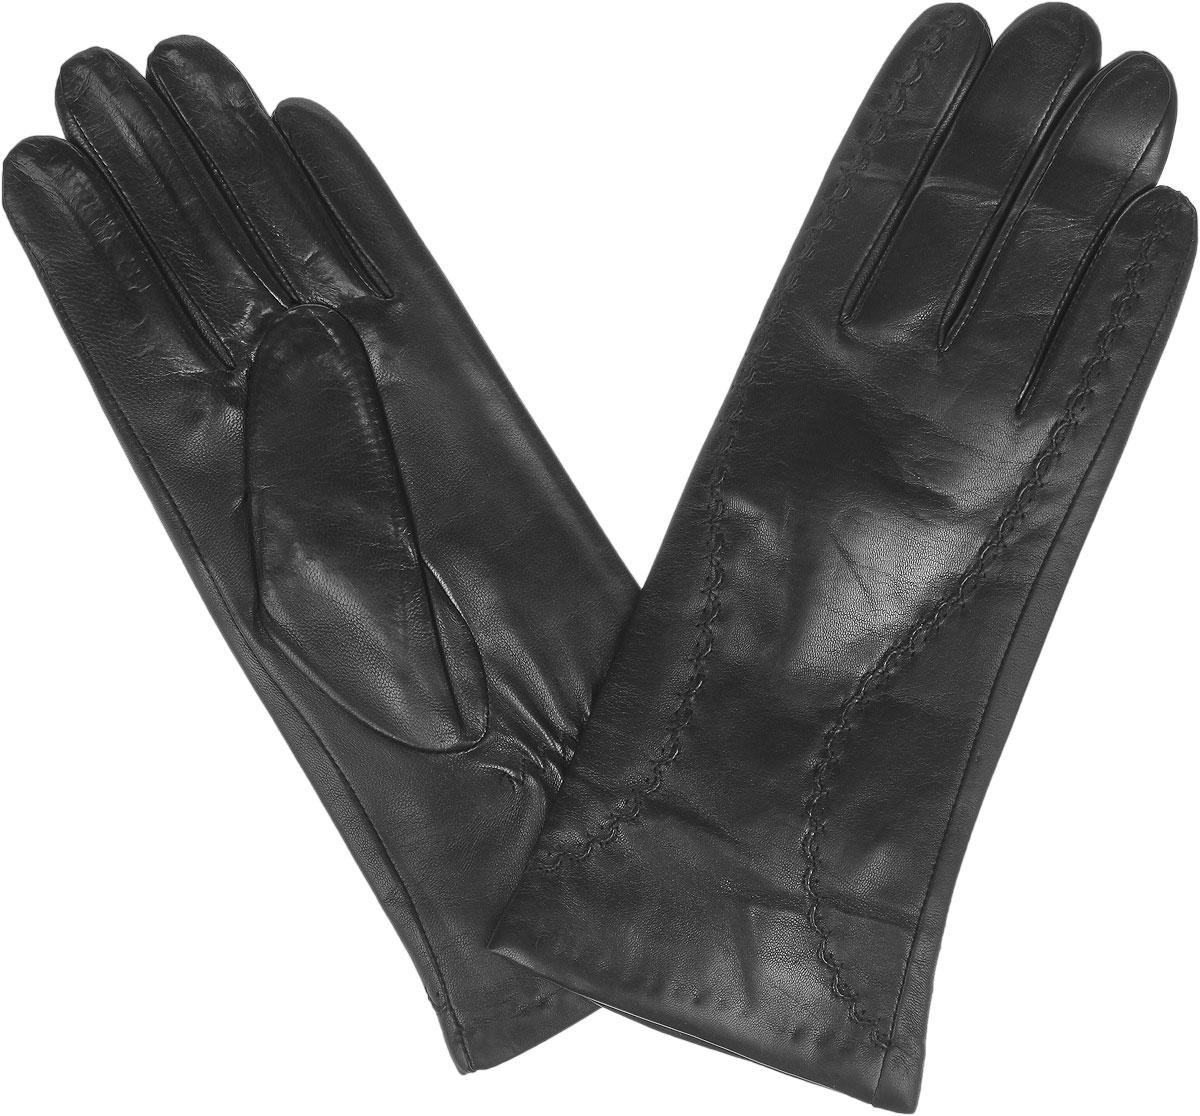 Перчатки женские. 2.18-12.18-1_blackЖенские перчатки Fabretti защитят ваши руки от холода и станут стильным дополнением к вашему образу. Перчатки изготовлены из натуральной кожи на подкладке из шерсти с добавлением кашемира. Лицевую сторону изделия украшает фигурная прострочка. На запястье модель присборена на небольшие резинки. Перчатки являются неотъемлемой принадлежностью одежды, вместе с этим аксессуаром вы обретаете женственность и элегантность. Они станут завершающим и подчеркивающим элементом вашего неповторимого стиля.